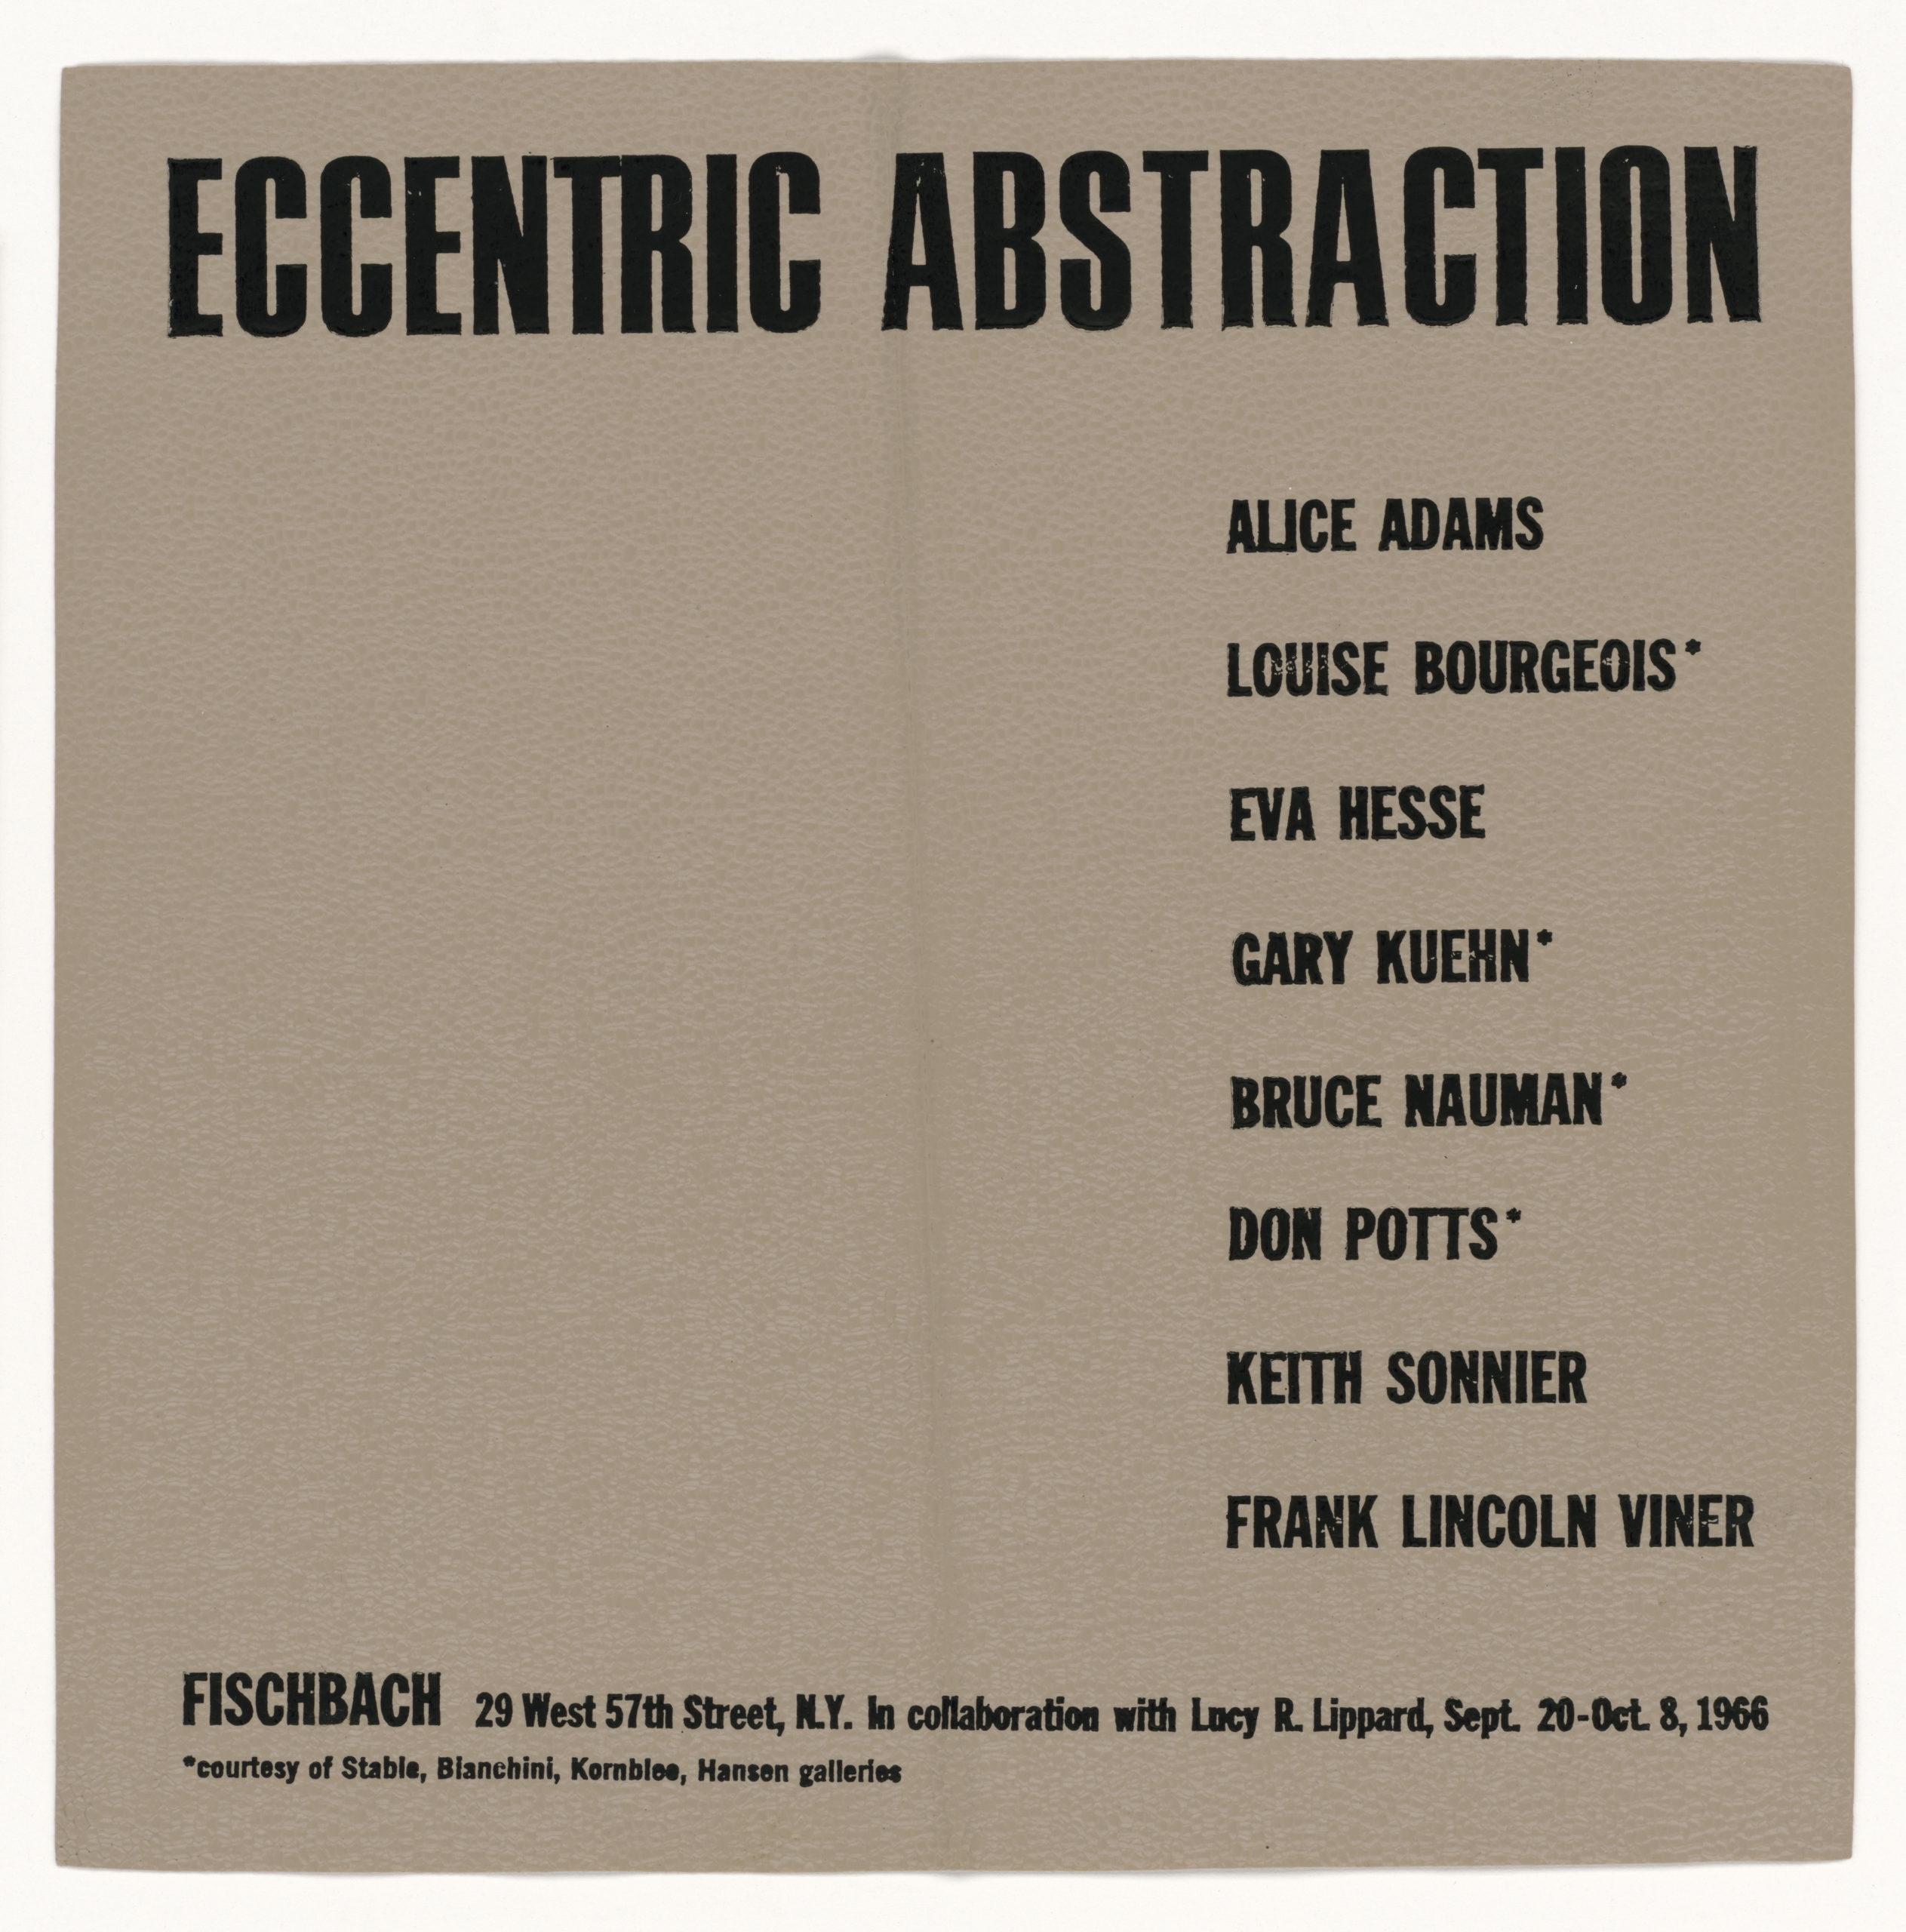 ECCENTRIC ABSTRACTION, Fischbach Gallery, New York 1966 (invitation /catalogue); Sammlung Marzona, Kunstbibliothek – Staatliche Museen zu Berlin